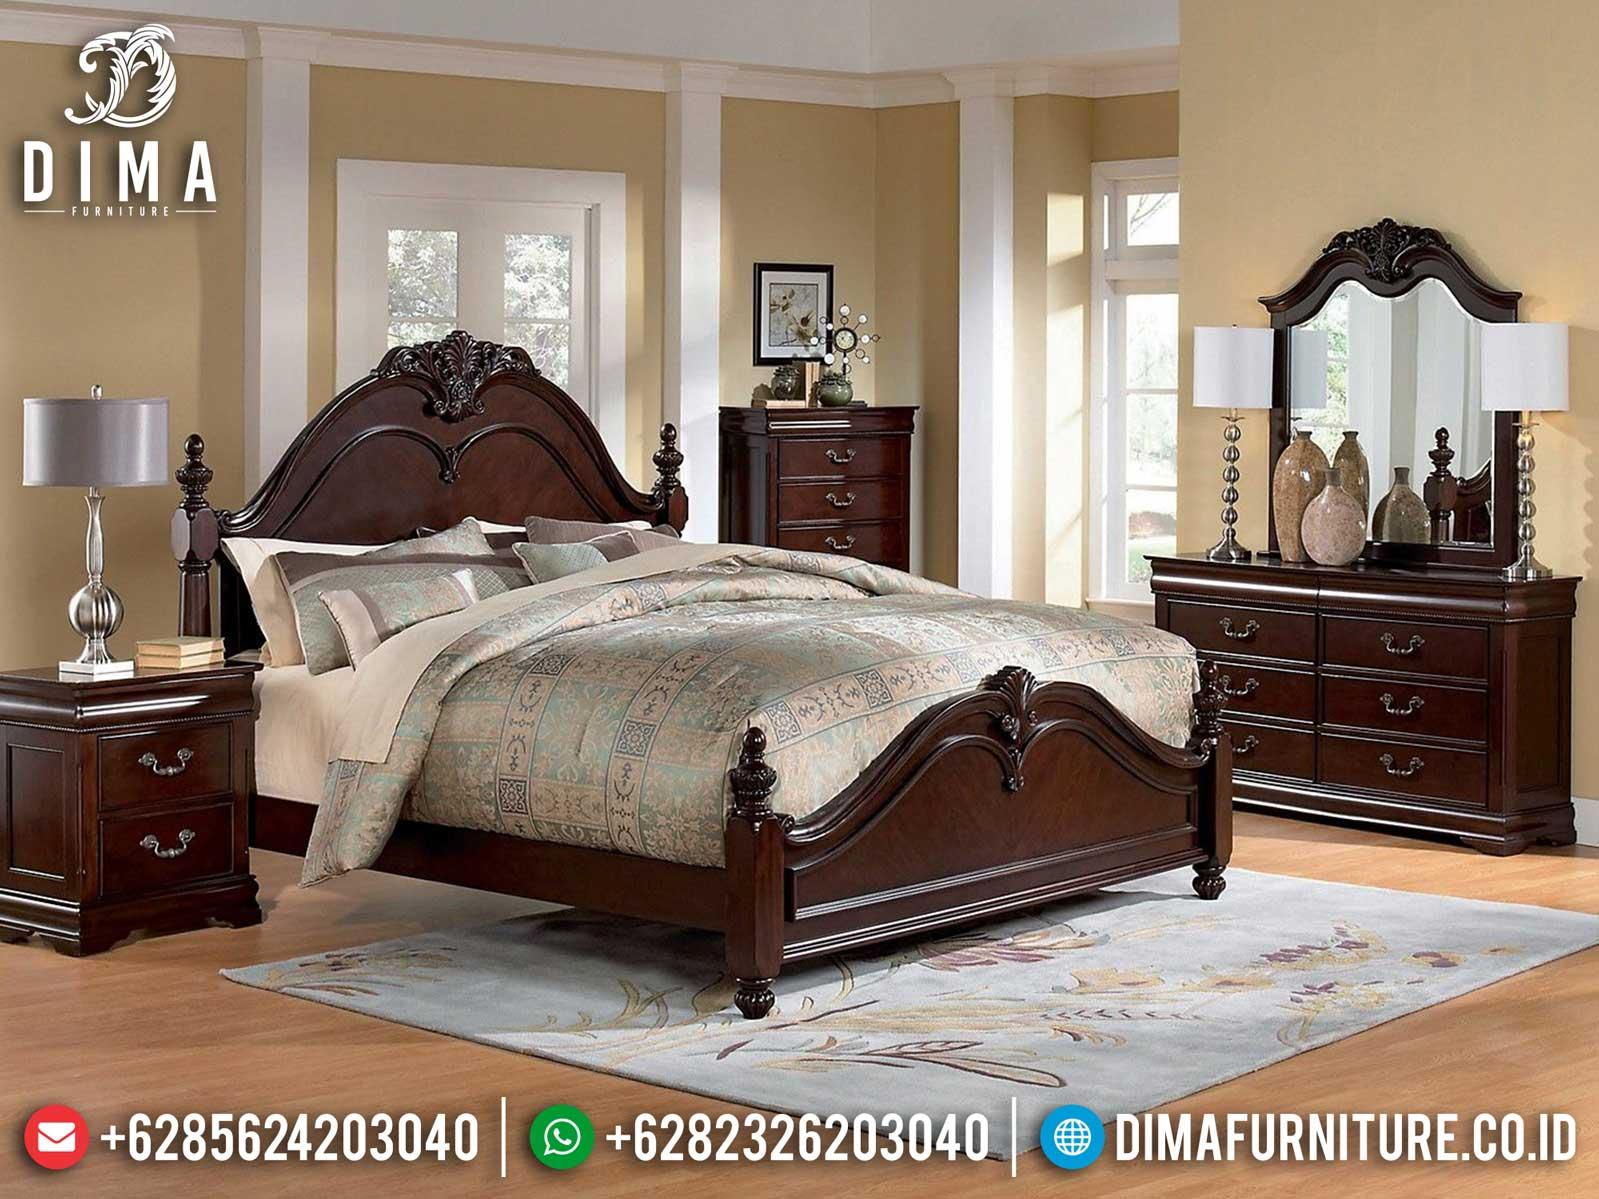 Sale Tempat Tidur Minimalis Jepara Natural Ukiran Classic Furniture TTJ-1123